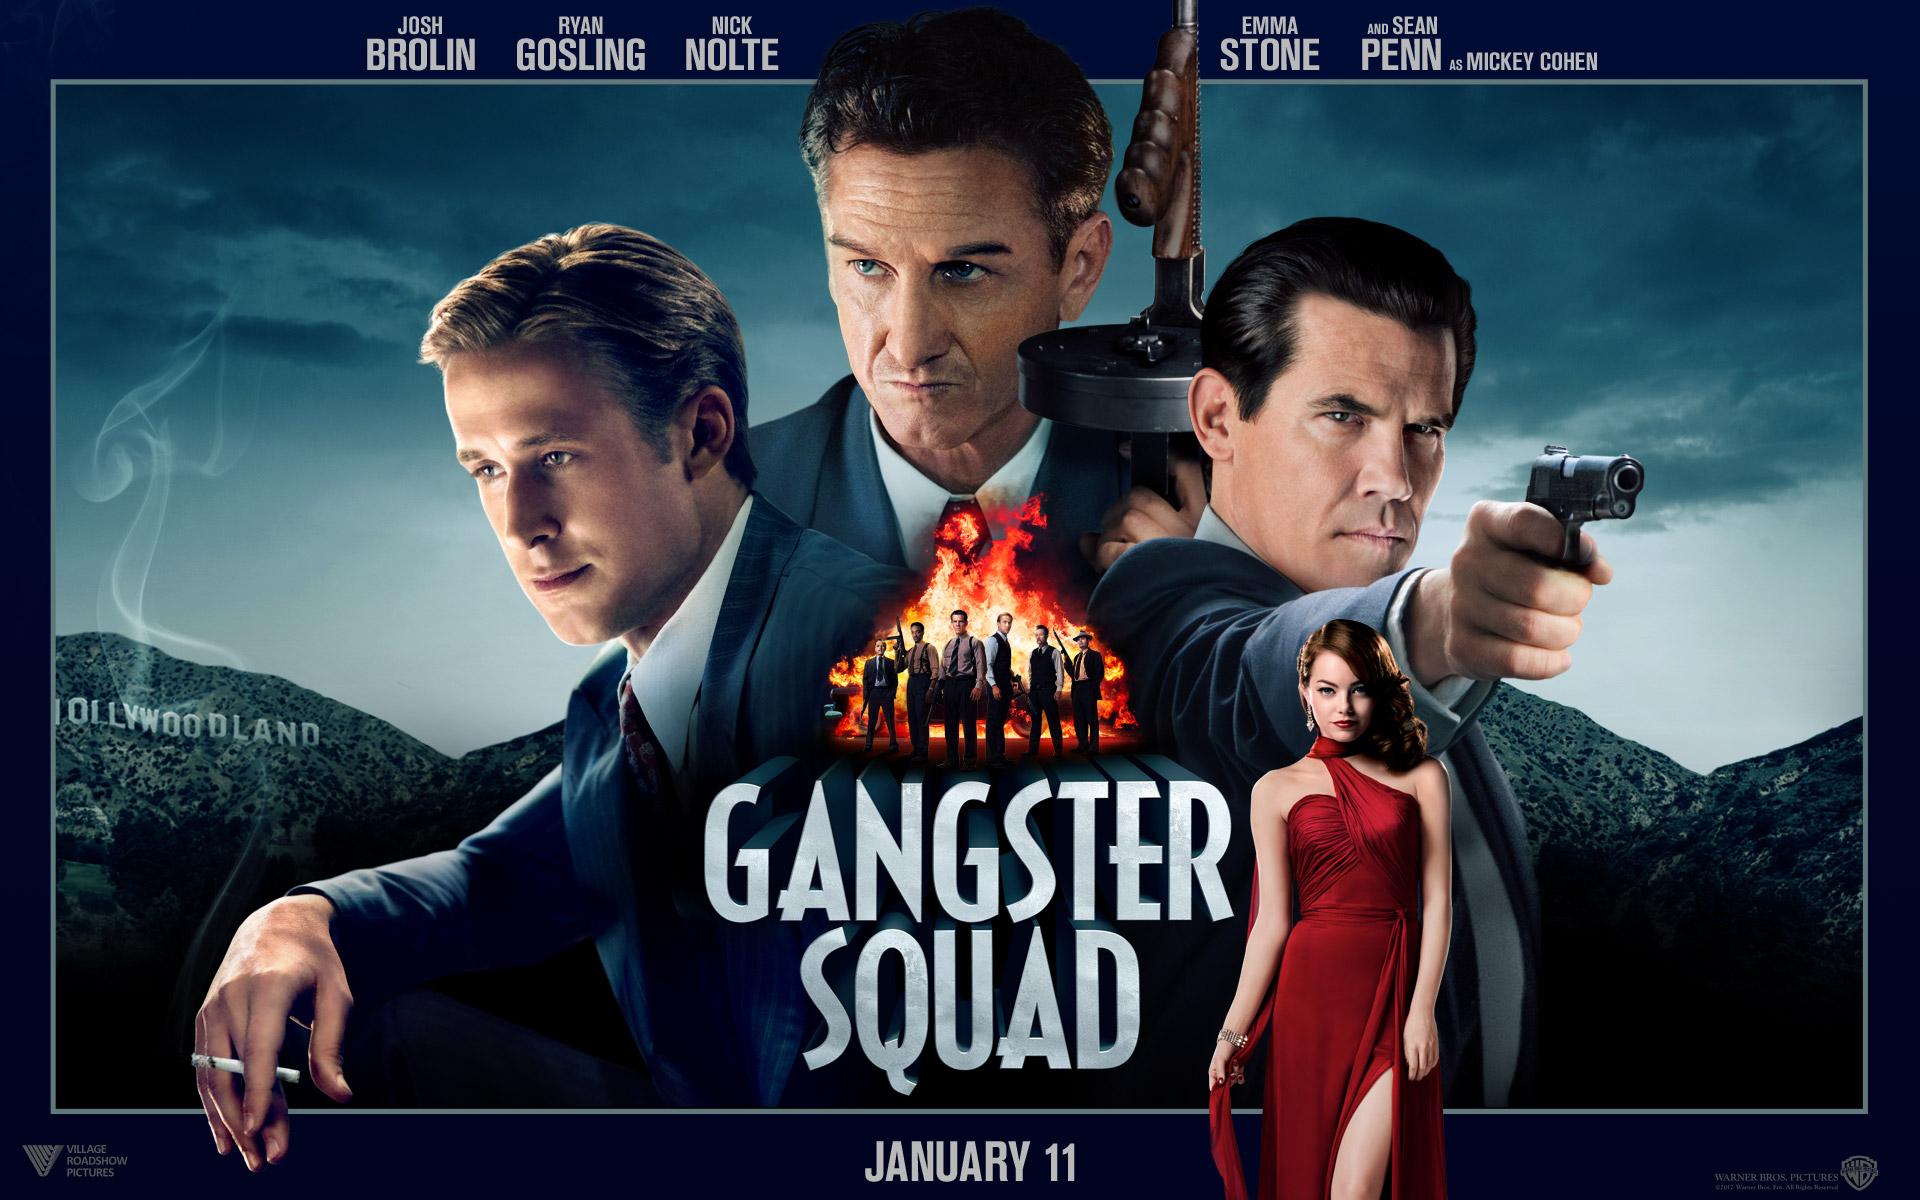 gangster-squad-2012-full-poster.jpg